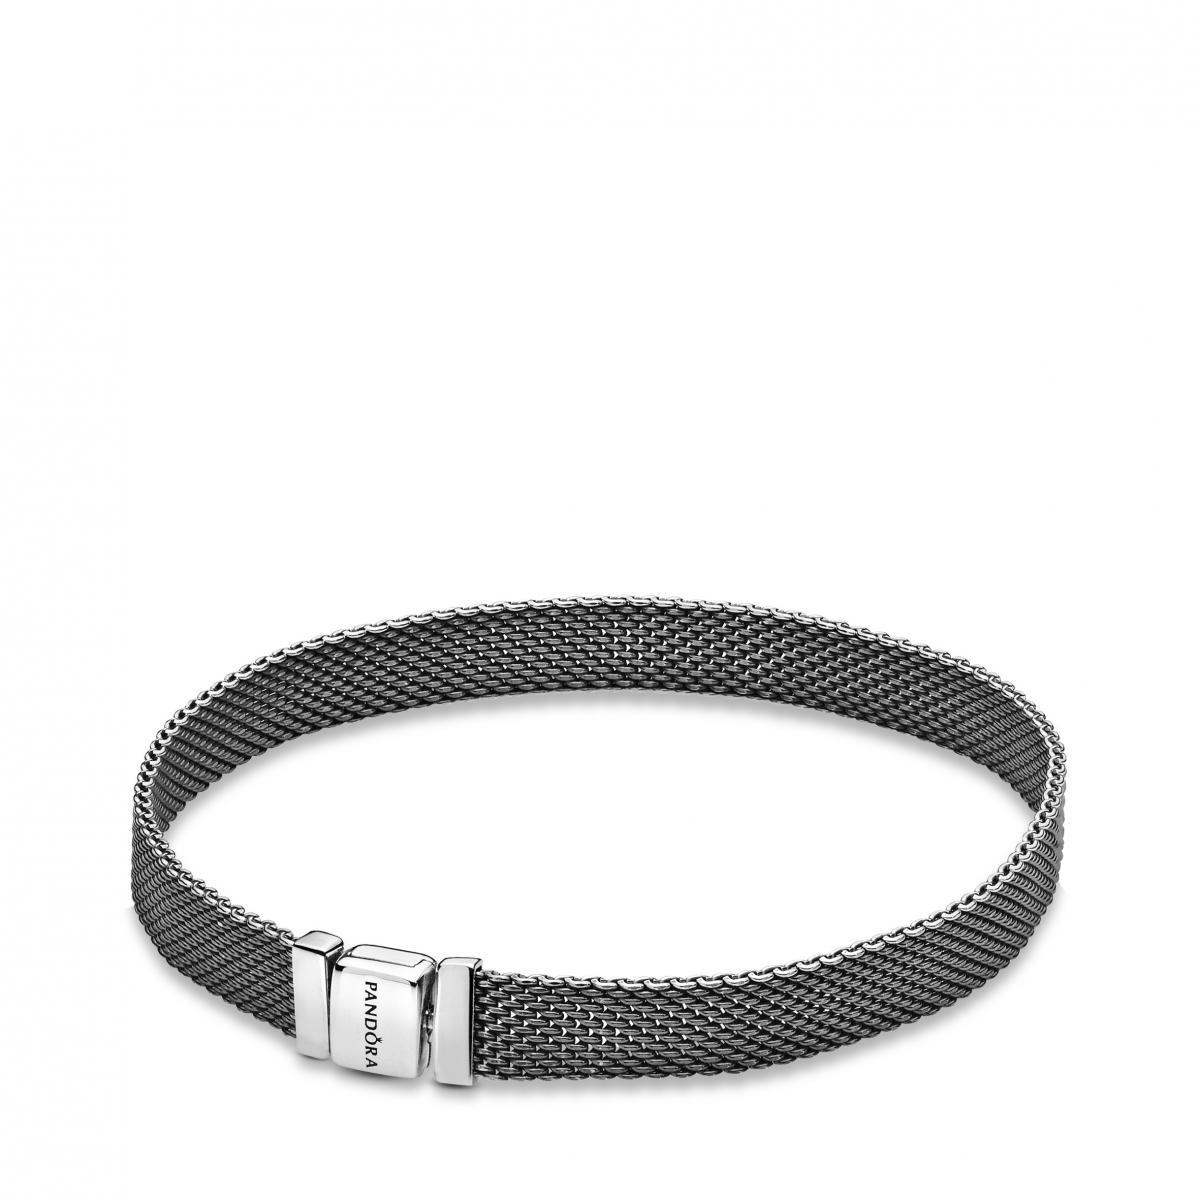 Bracelet Pandora 598400C00 - Réflexions Argent oxyde Femme